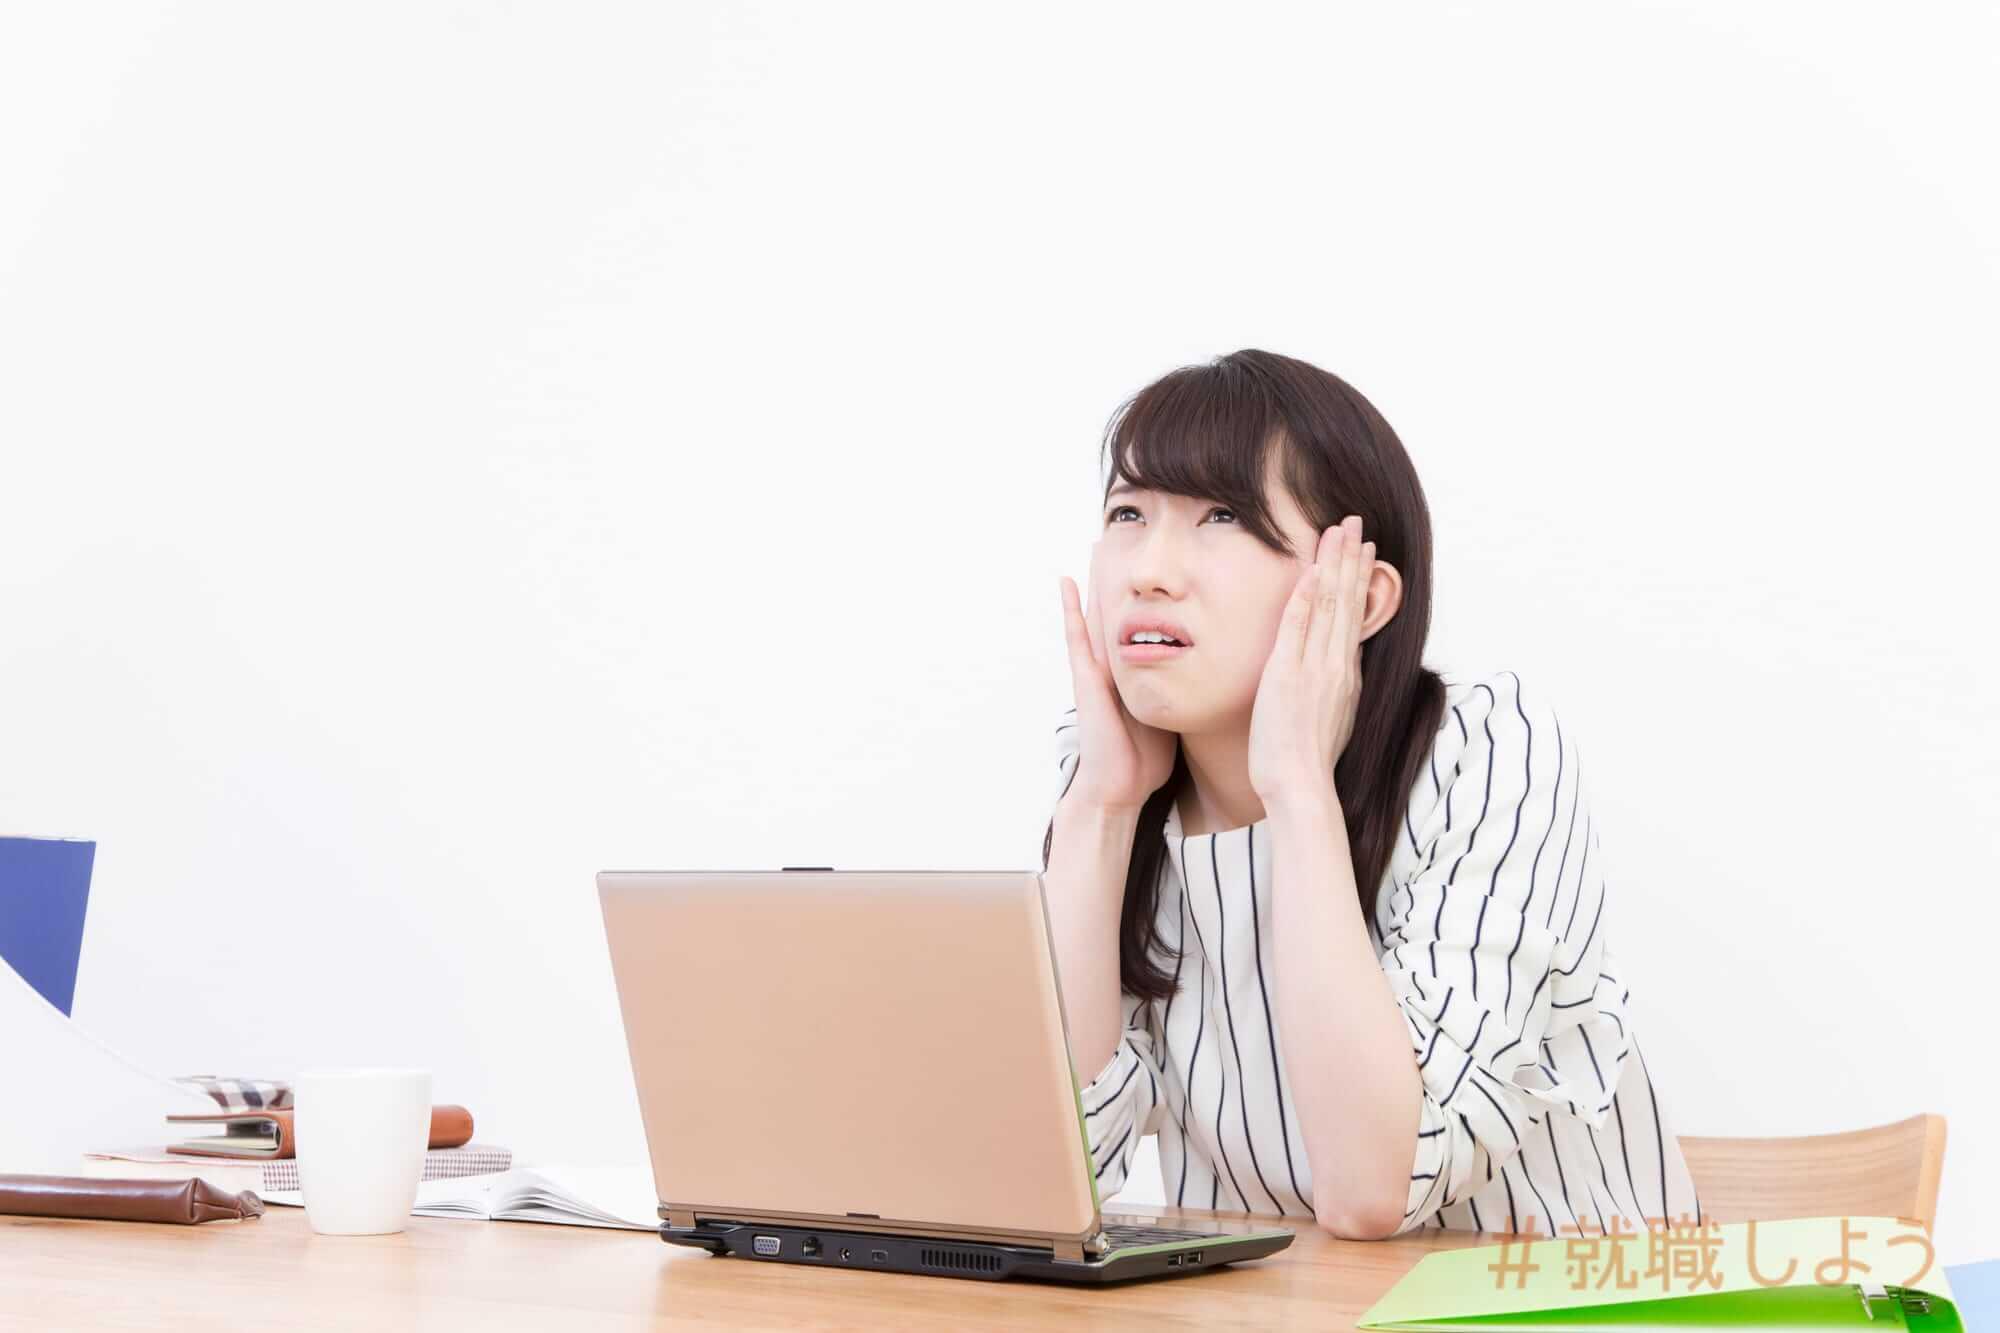 20代後半女性が抱える転職の悩み